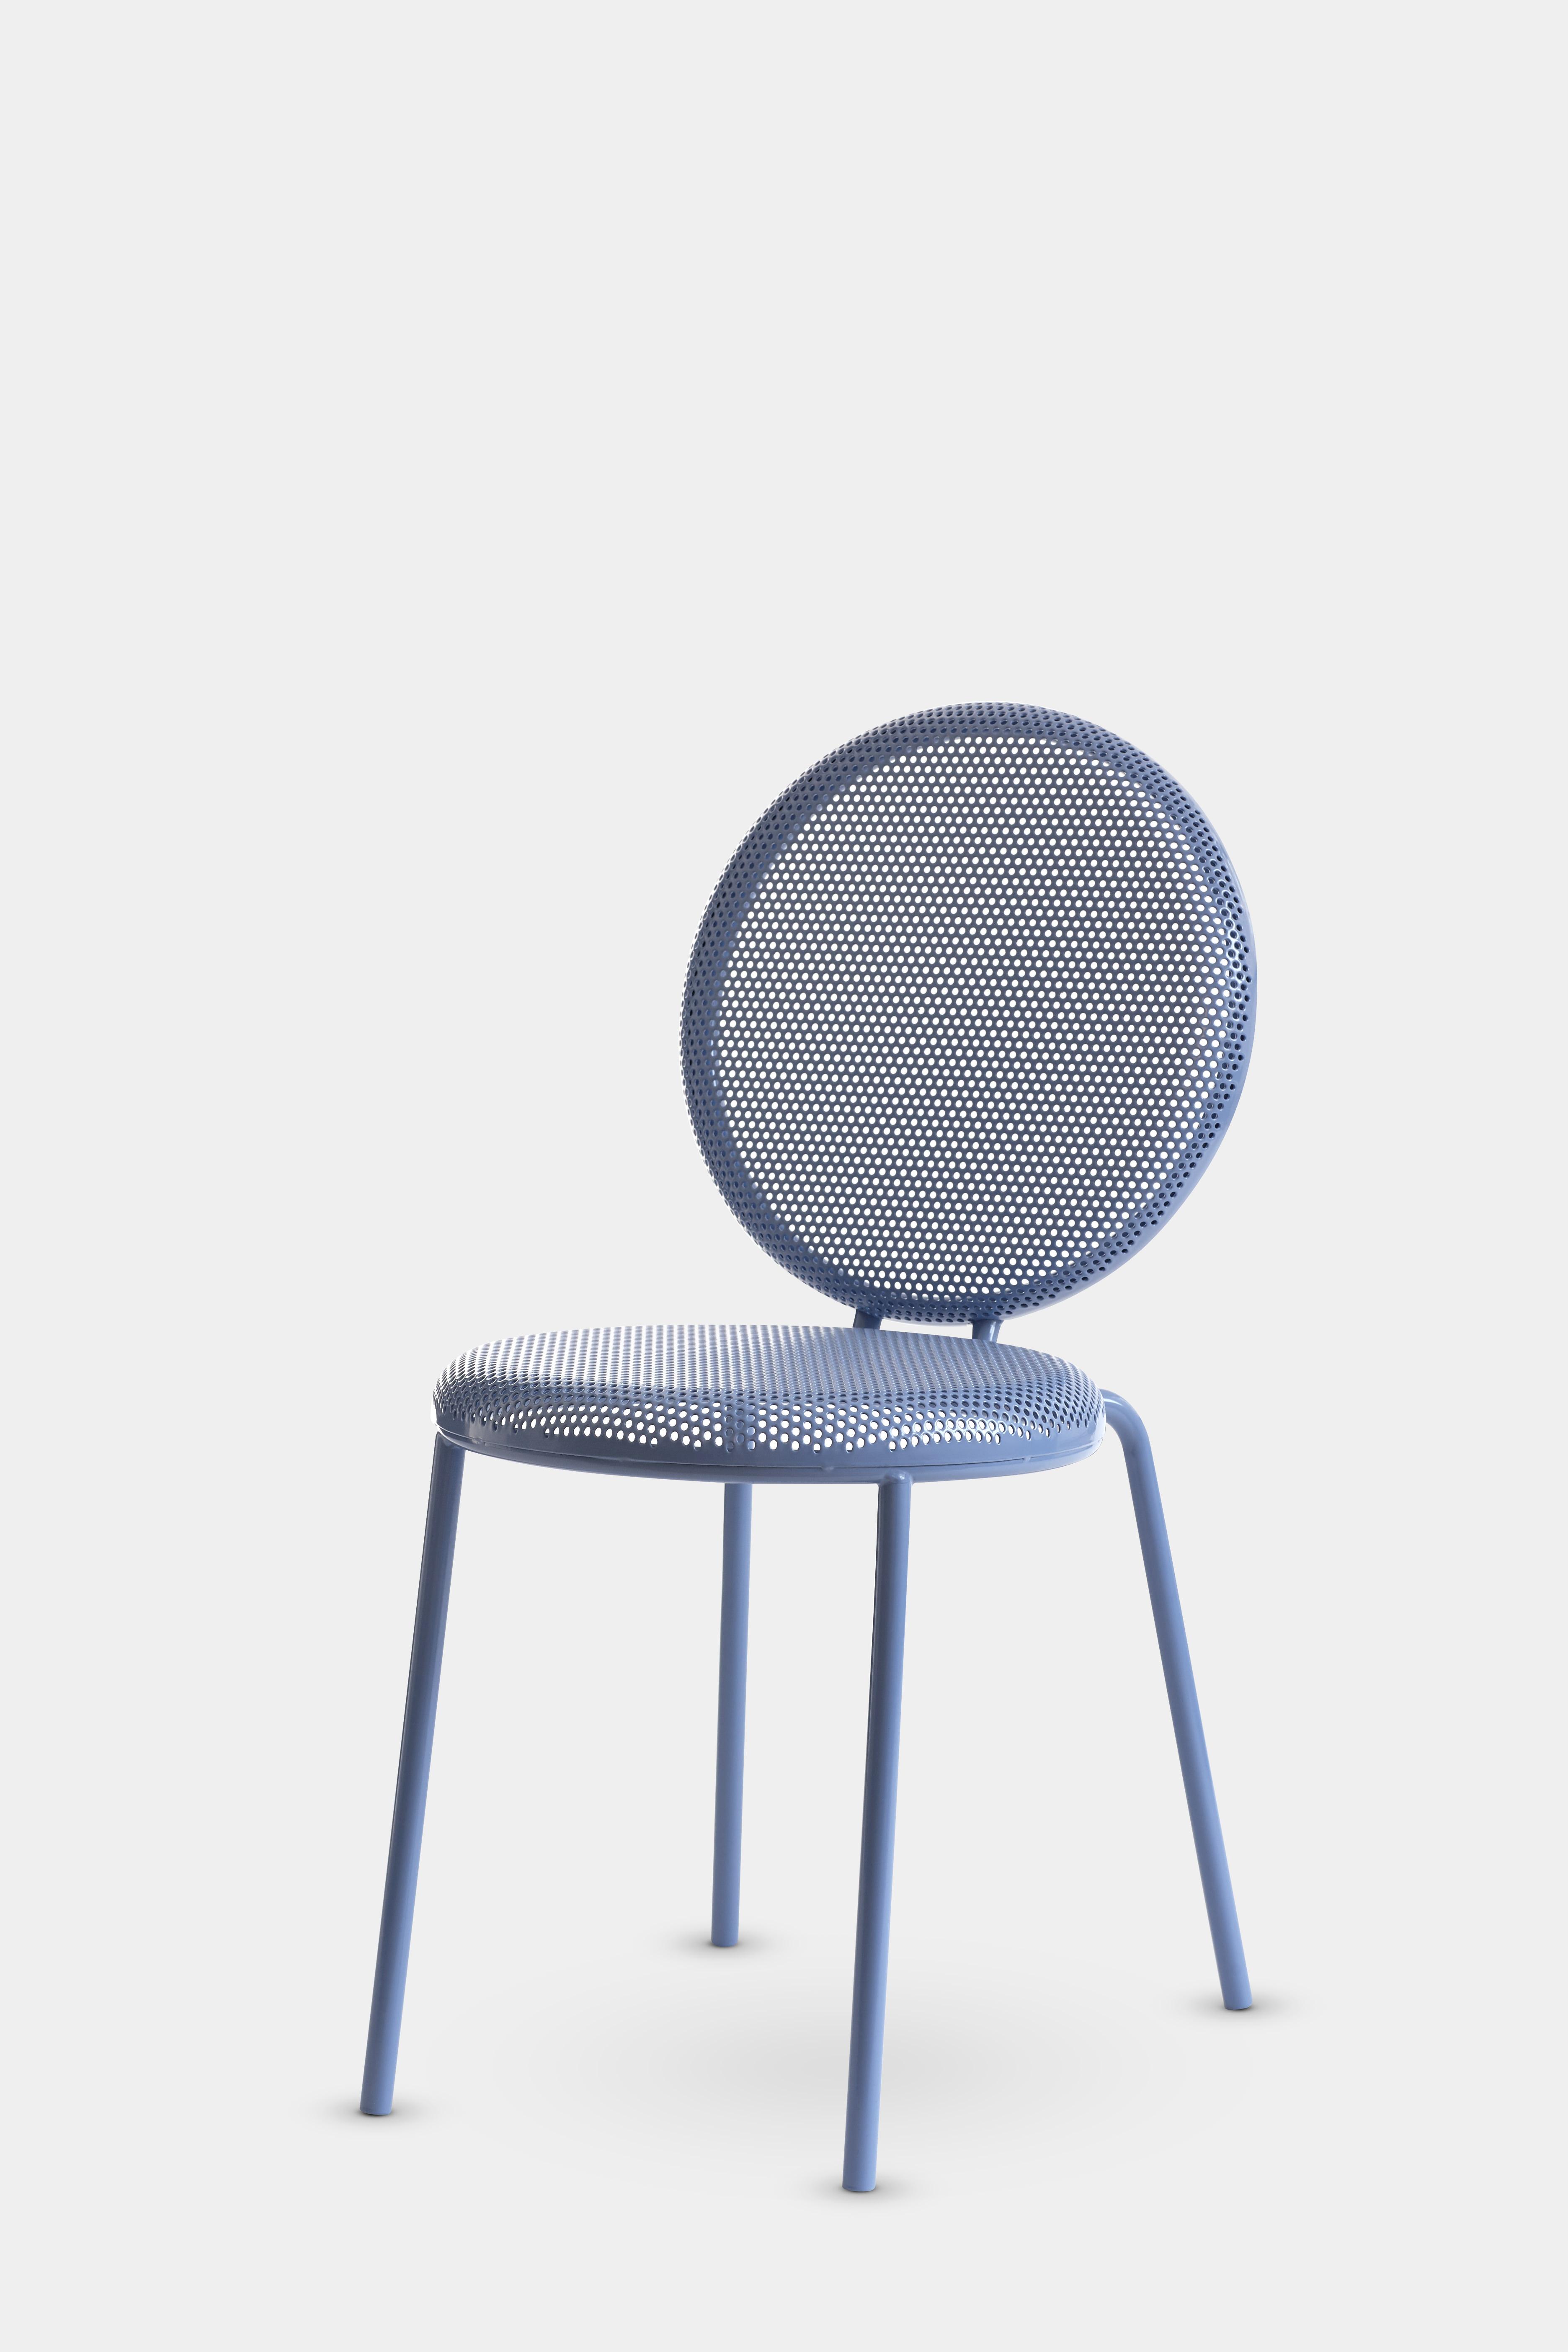 Dimma Chair 01